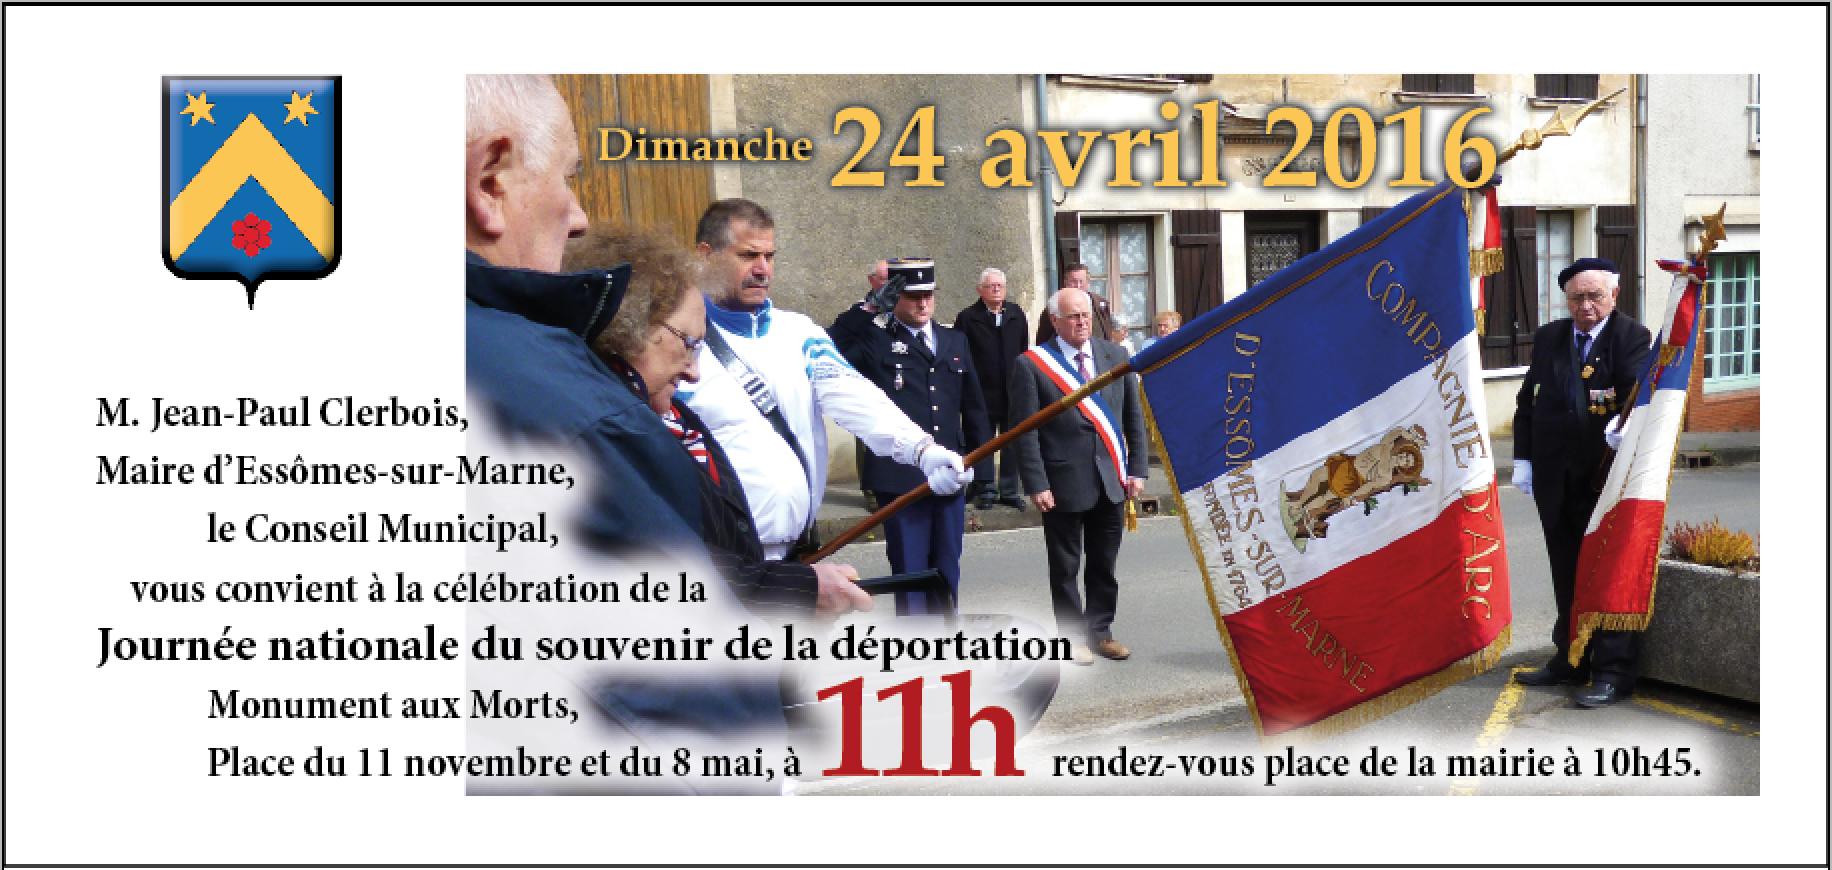 Journées nationale du souvenir de la déportation, le dimanche 24 avril